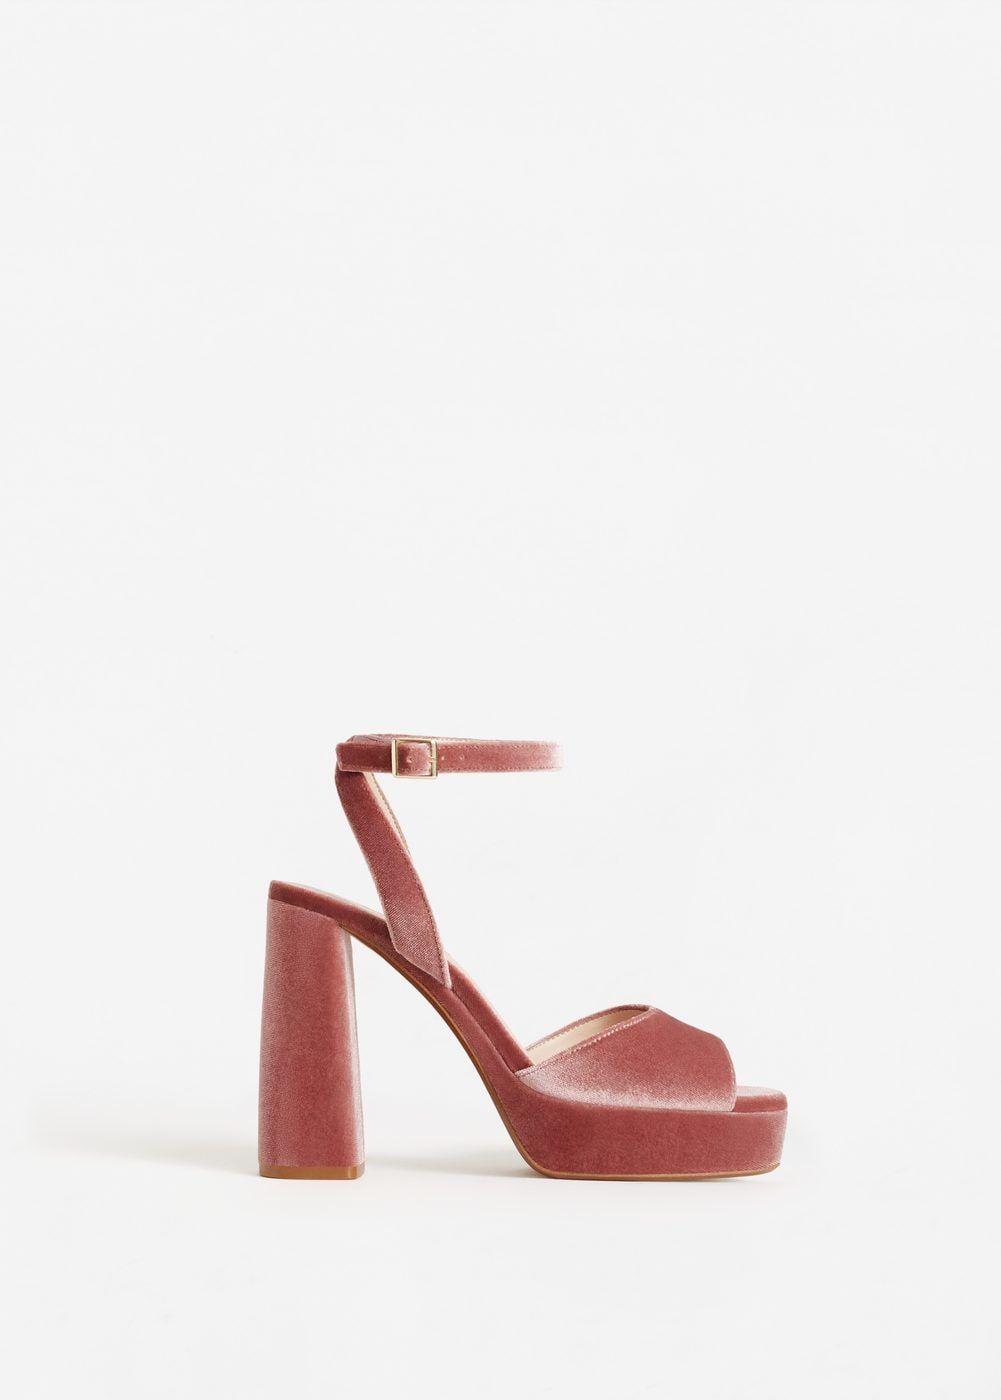 Zapatos Sandalia Plataforma Terciopelo MujerWishlist De kXiPZuO